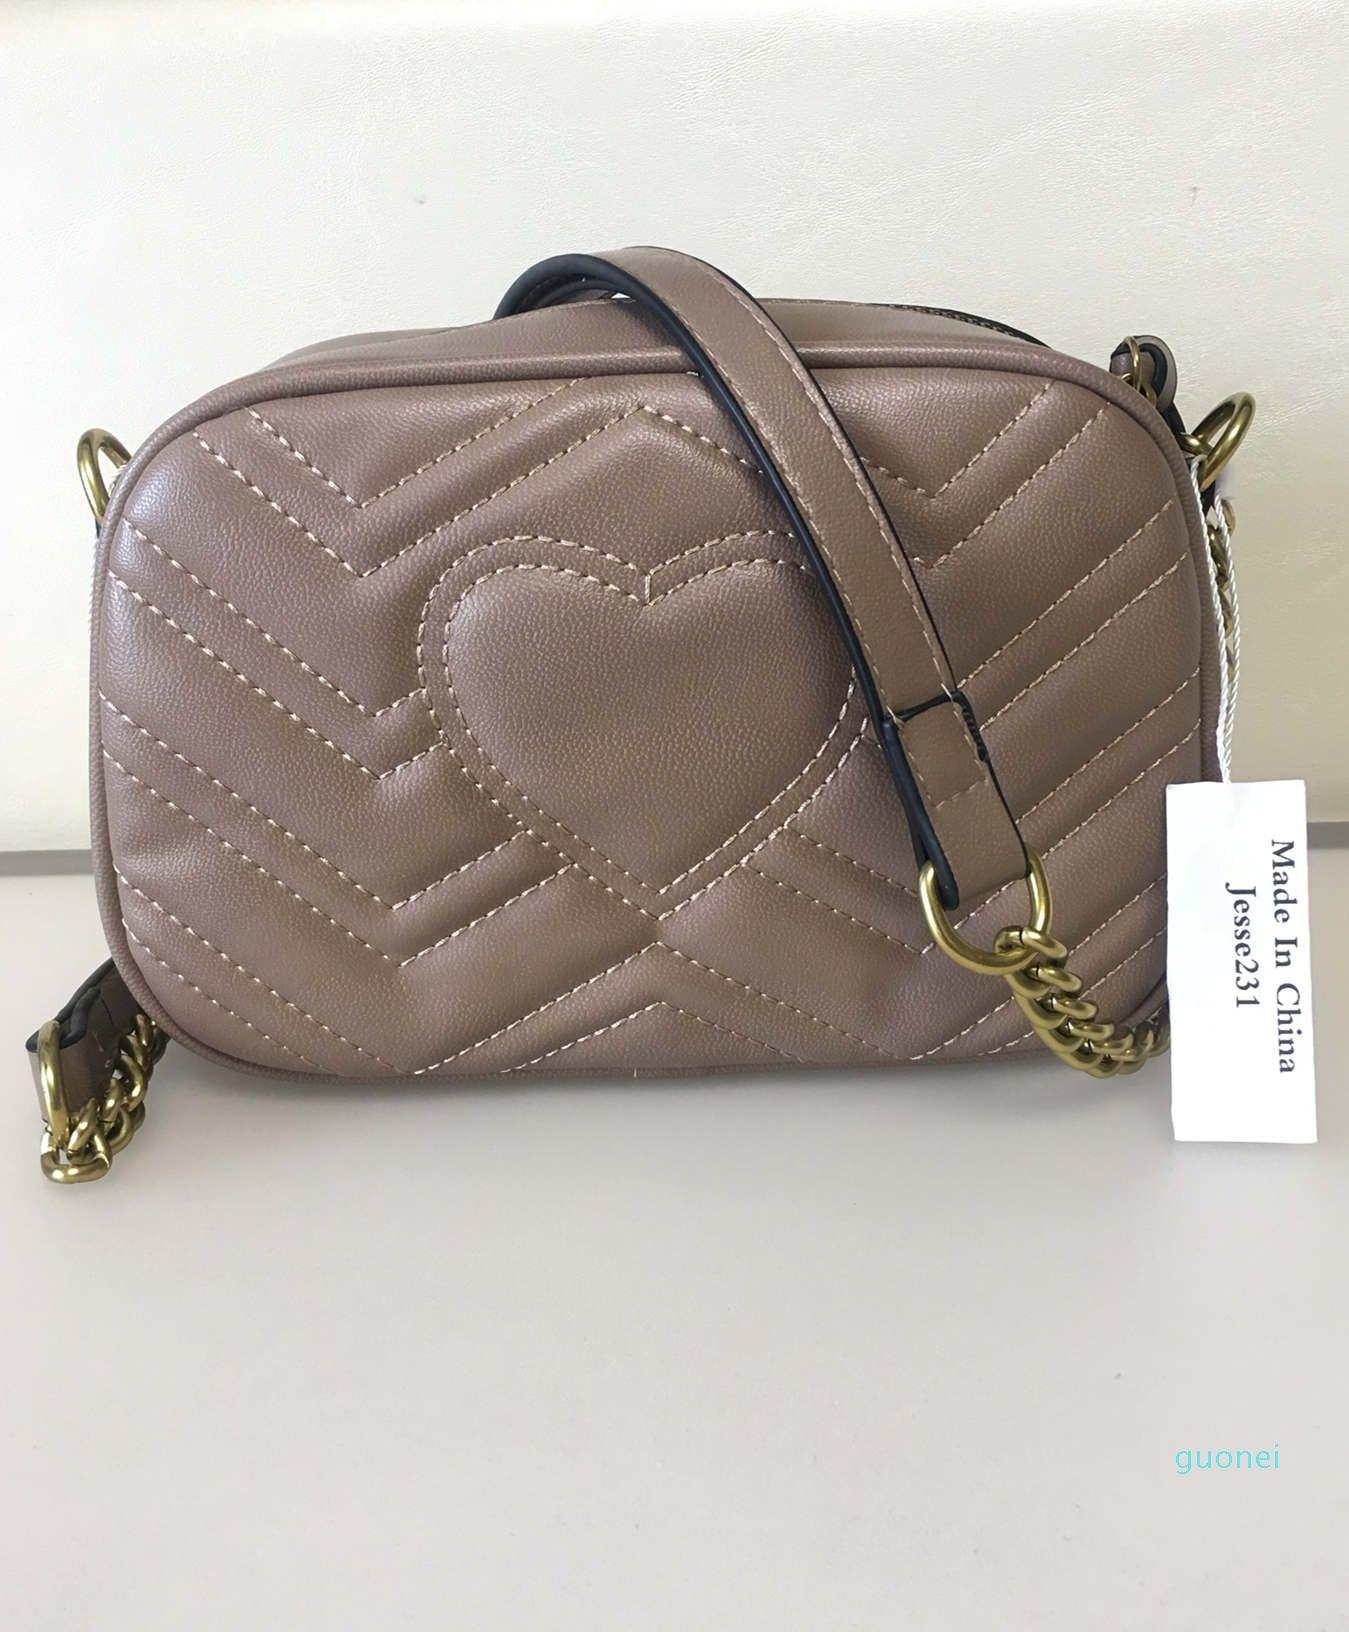 Btrand New Luxury donne del progettista Borse Famoso Oro Borse catena della spalla Crossbody Bag Soho Disco Borsa a tracolla della borsa Portafoglio 5 colori